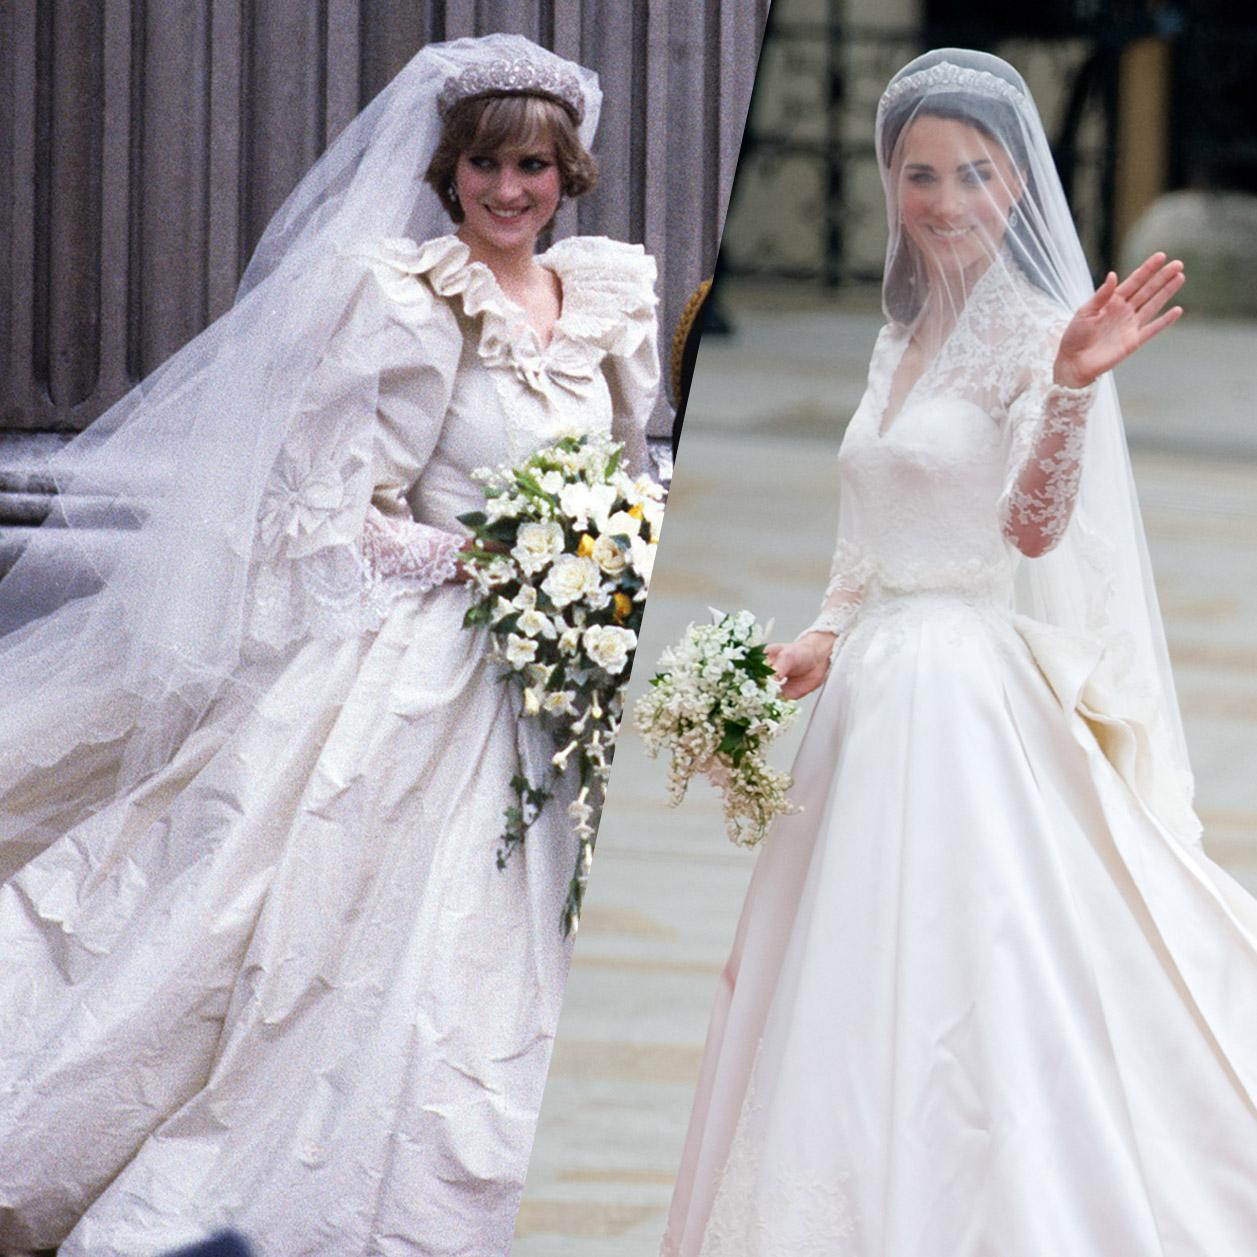 Les robes de mariée de la famille royale